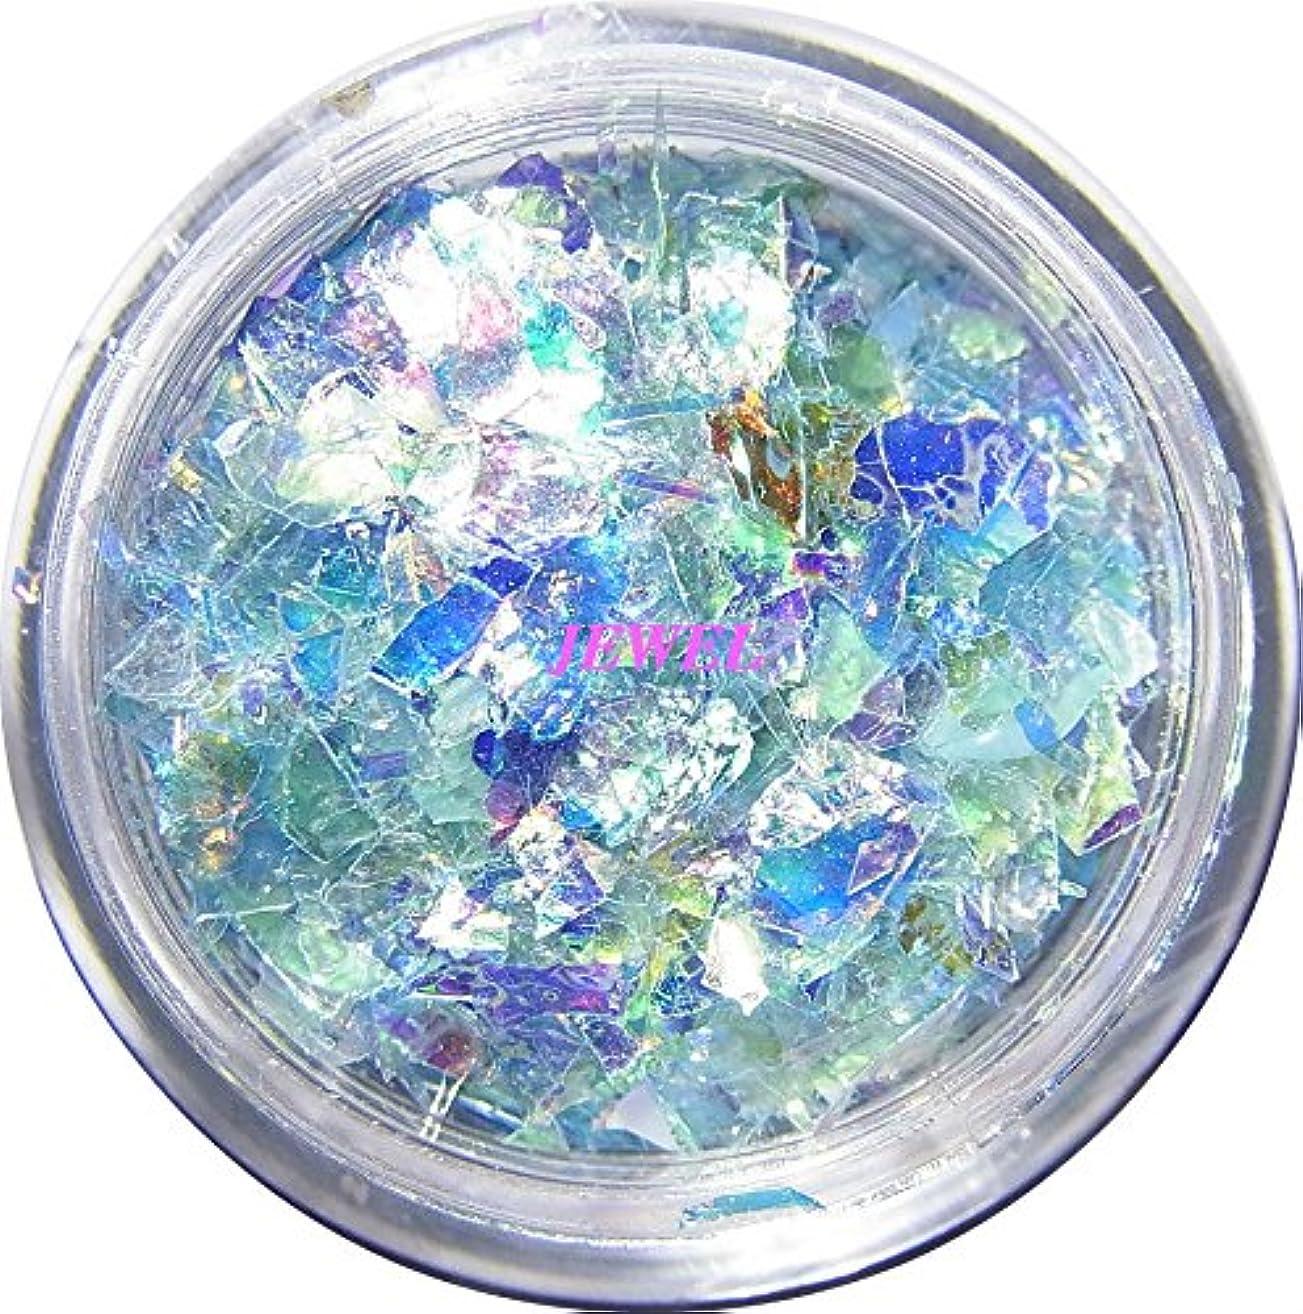 砲兵救援難しい【jewel】乱切りホロ 0.7g入り 12色から選択可能 クラッシュホログラム パステルカラー 素材 手芸 レジン ネイルアート パーツ (ライトブルー)